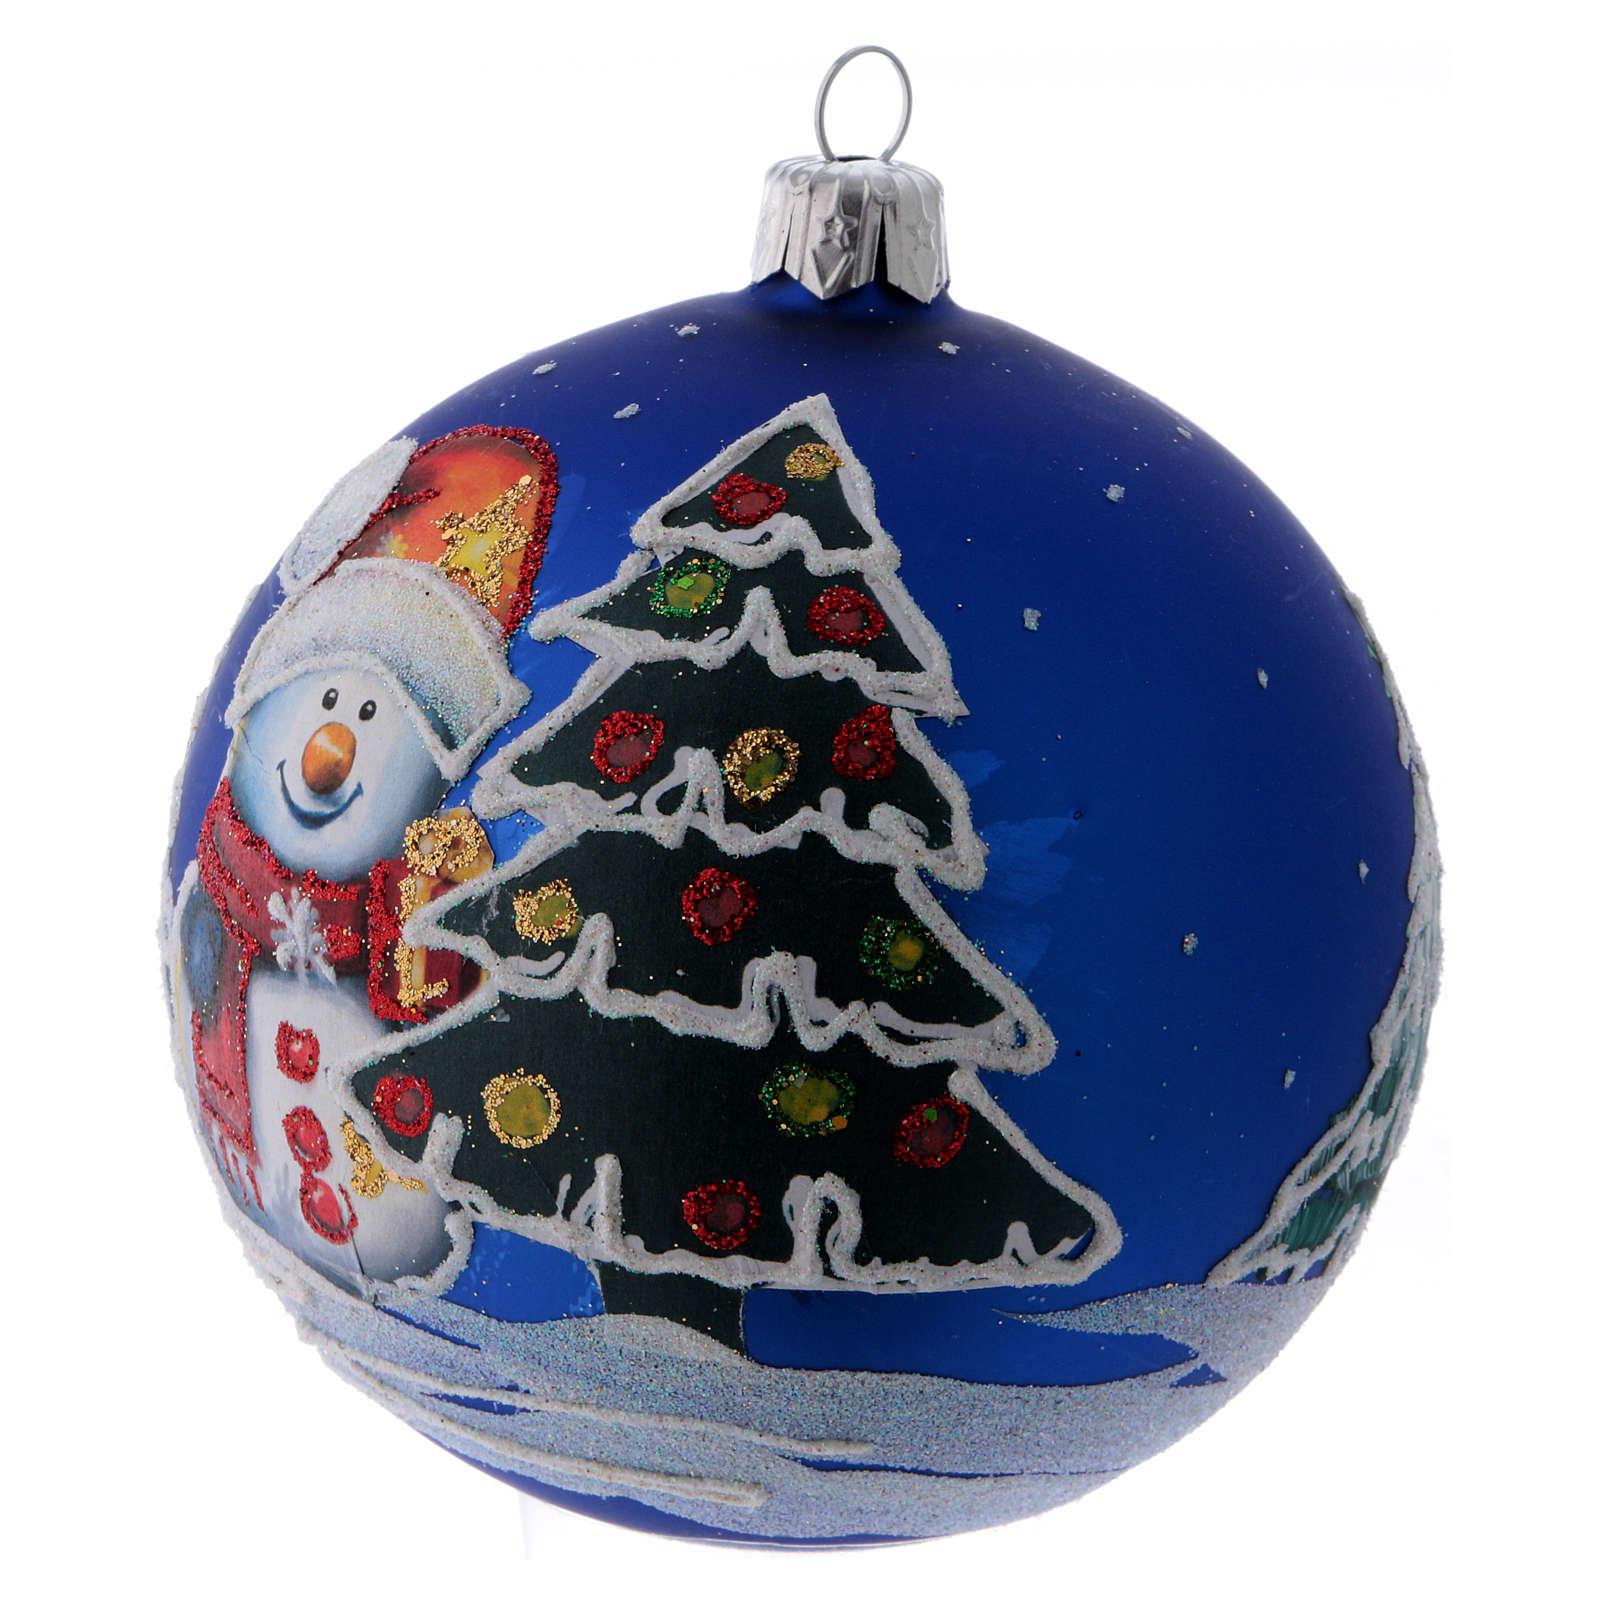 Boule Noël verre bleu et arbres enneigés décorés 100 mm 4